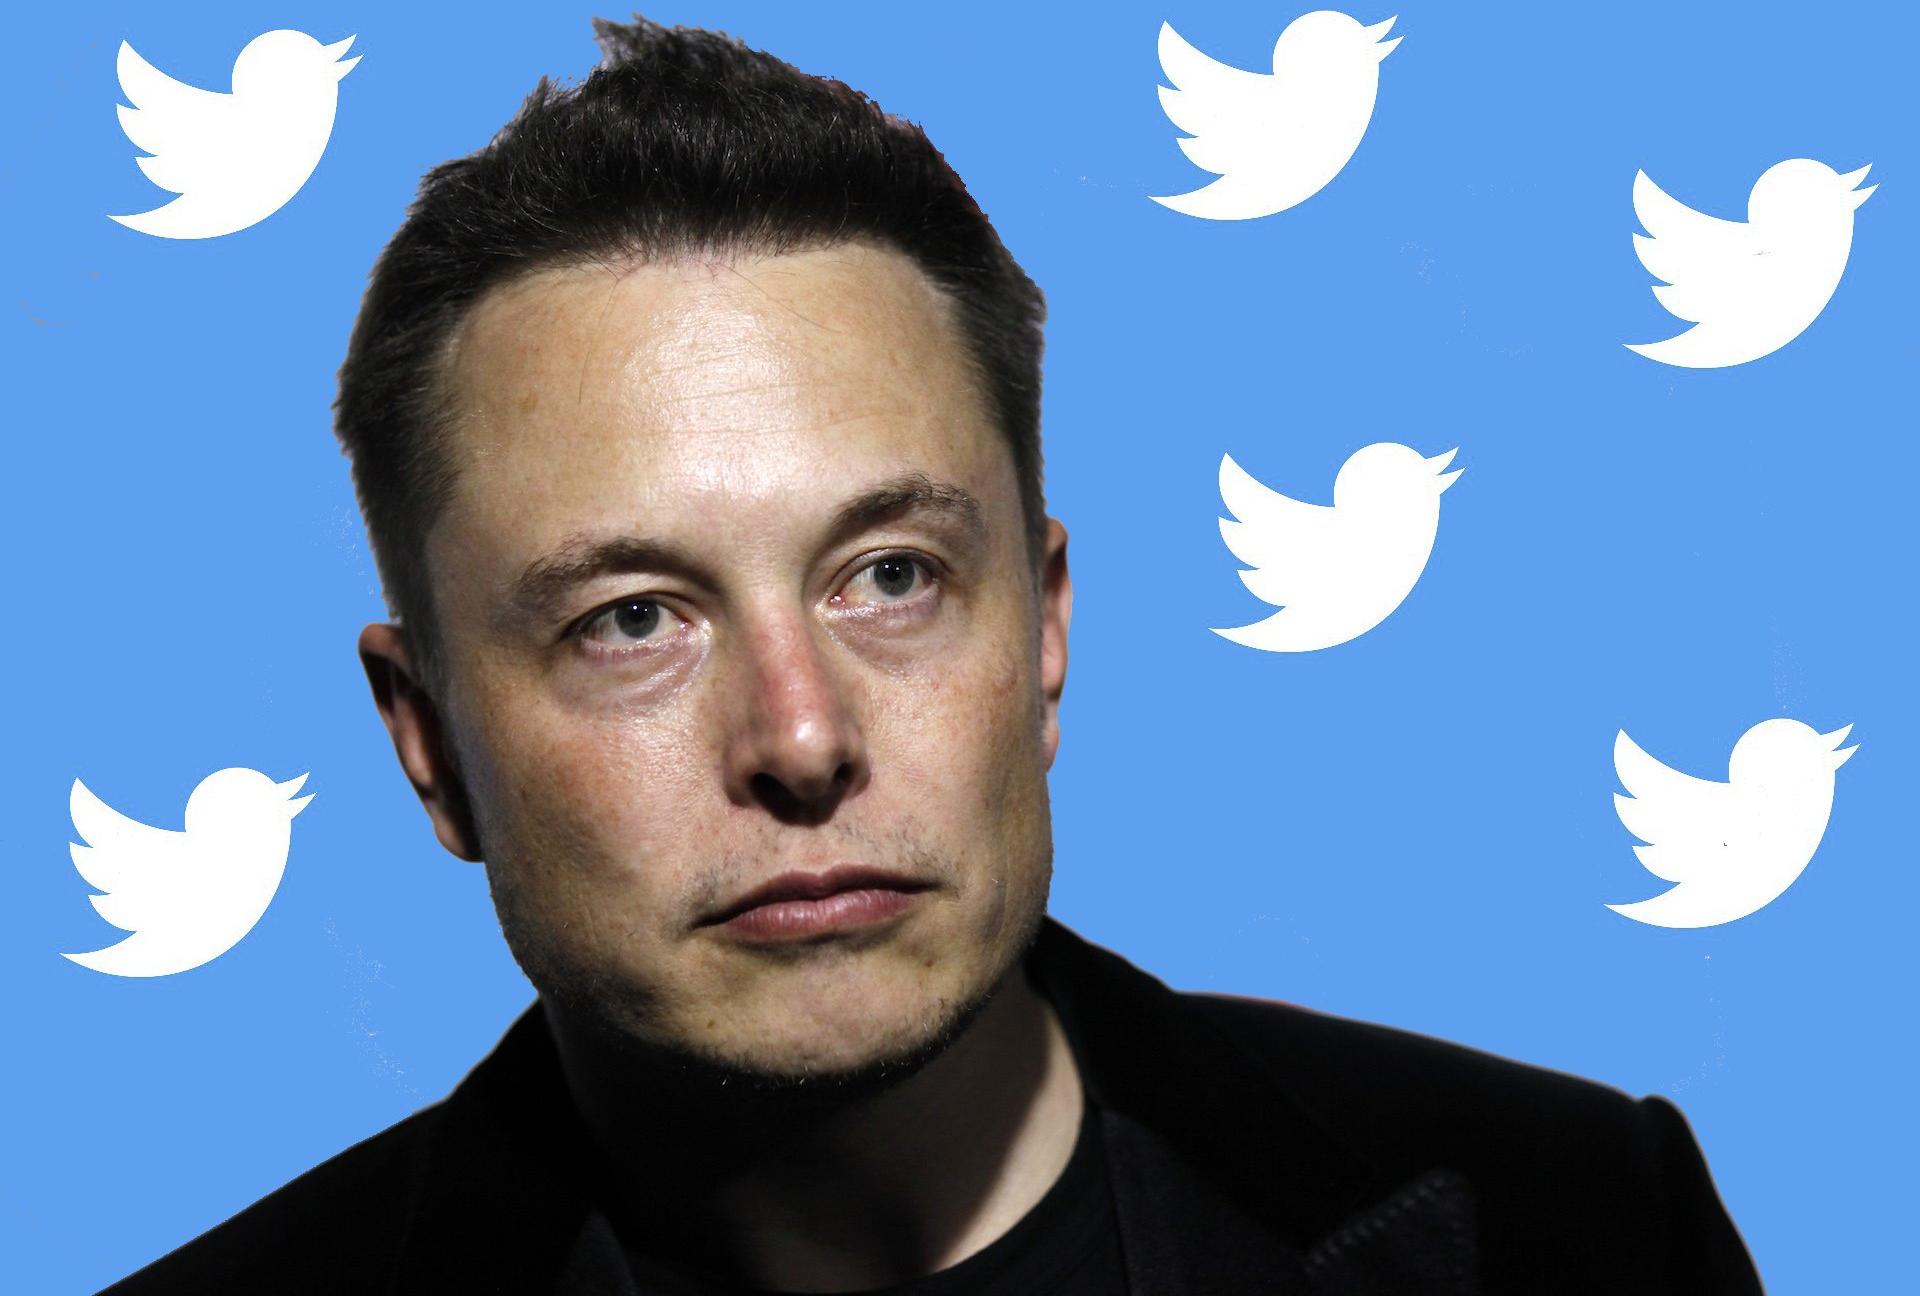 Бывшая сотрудница Tesla: «Я иногда следила за аккаунтом Илона Маска в Twitter, чтобы он не наговорил там глупостей»